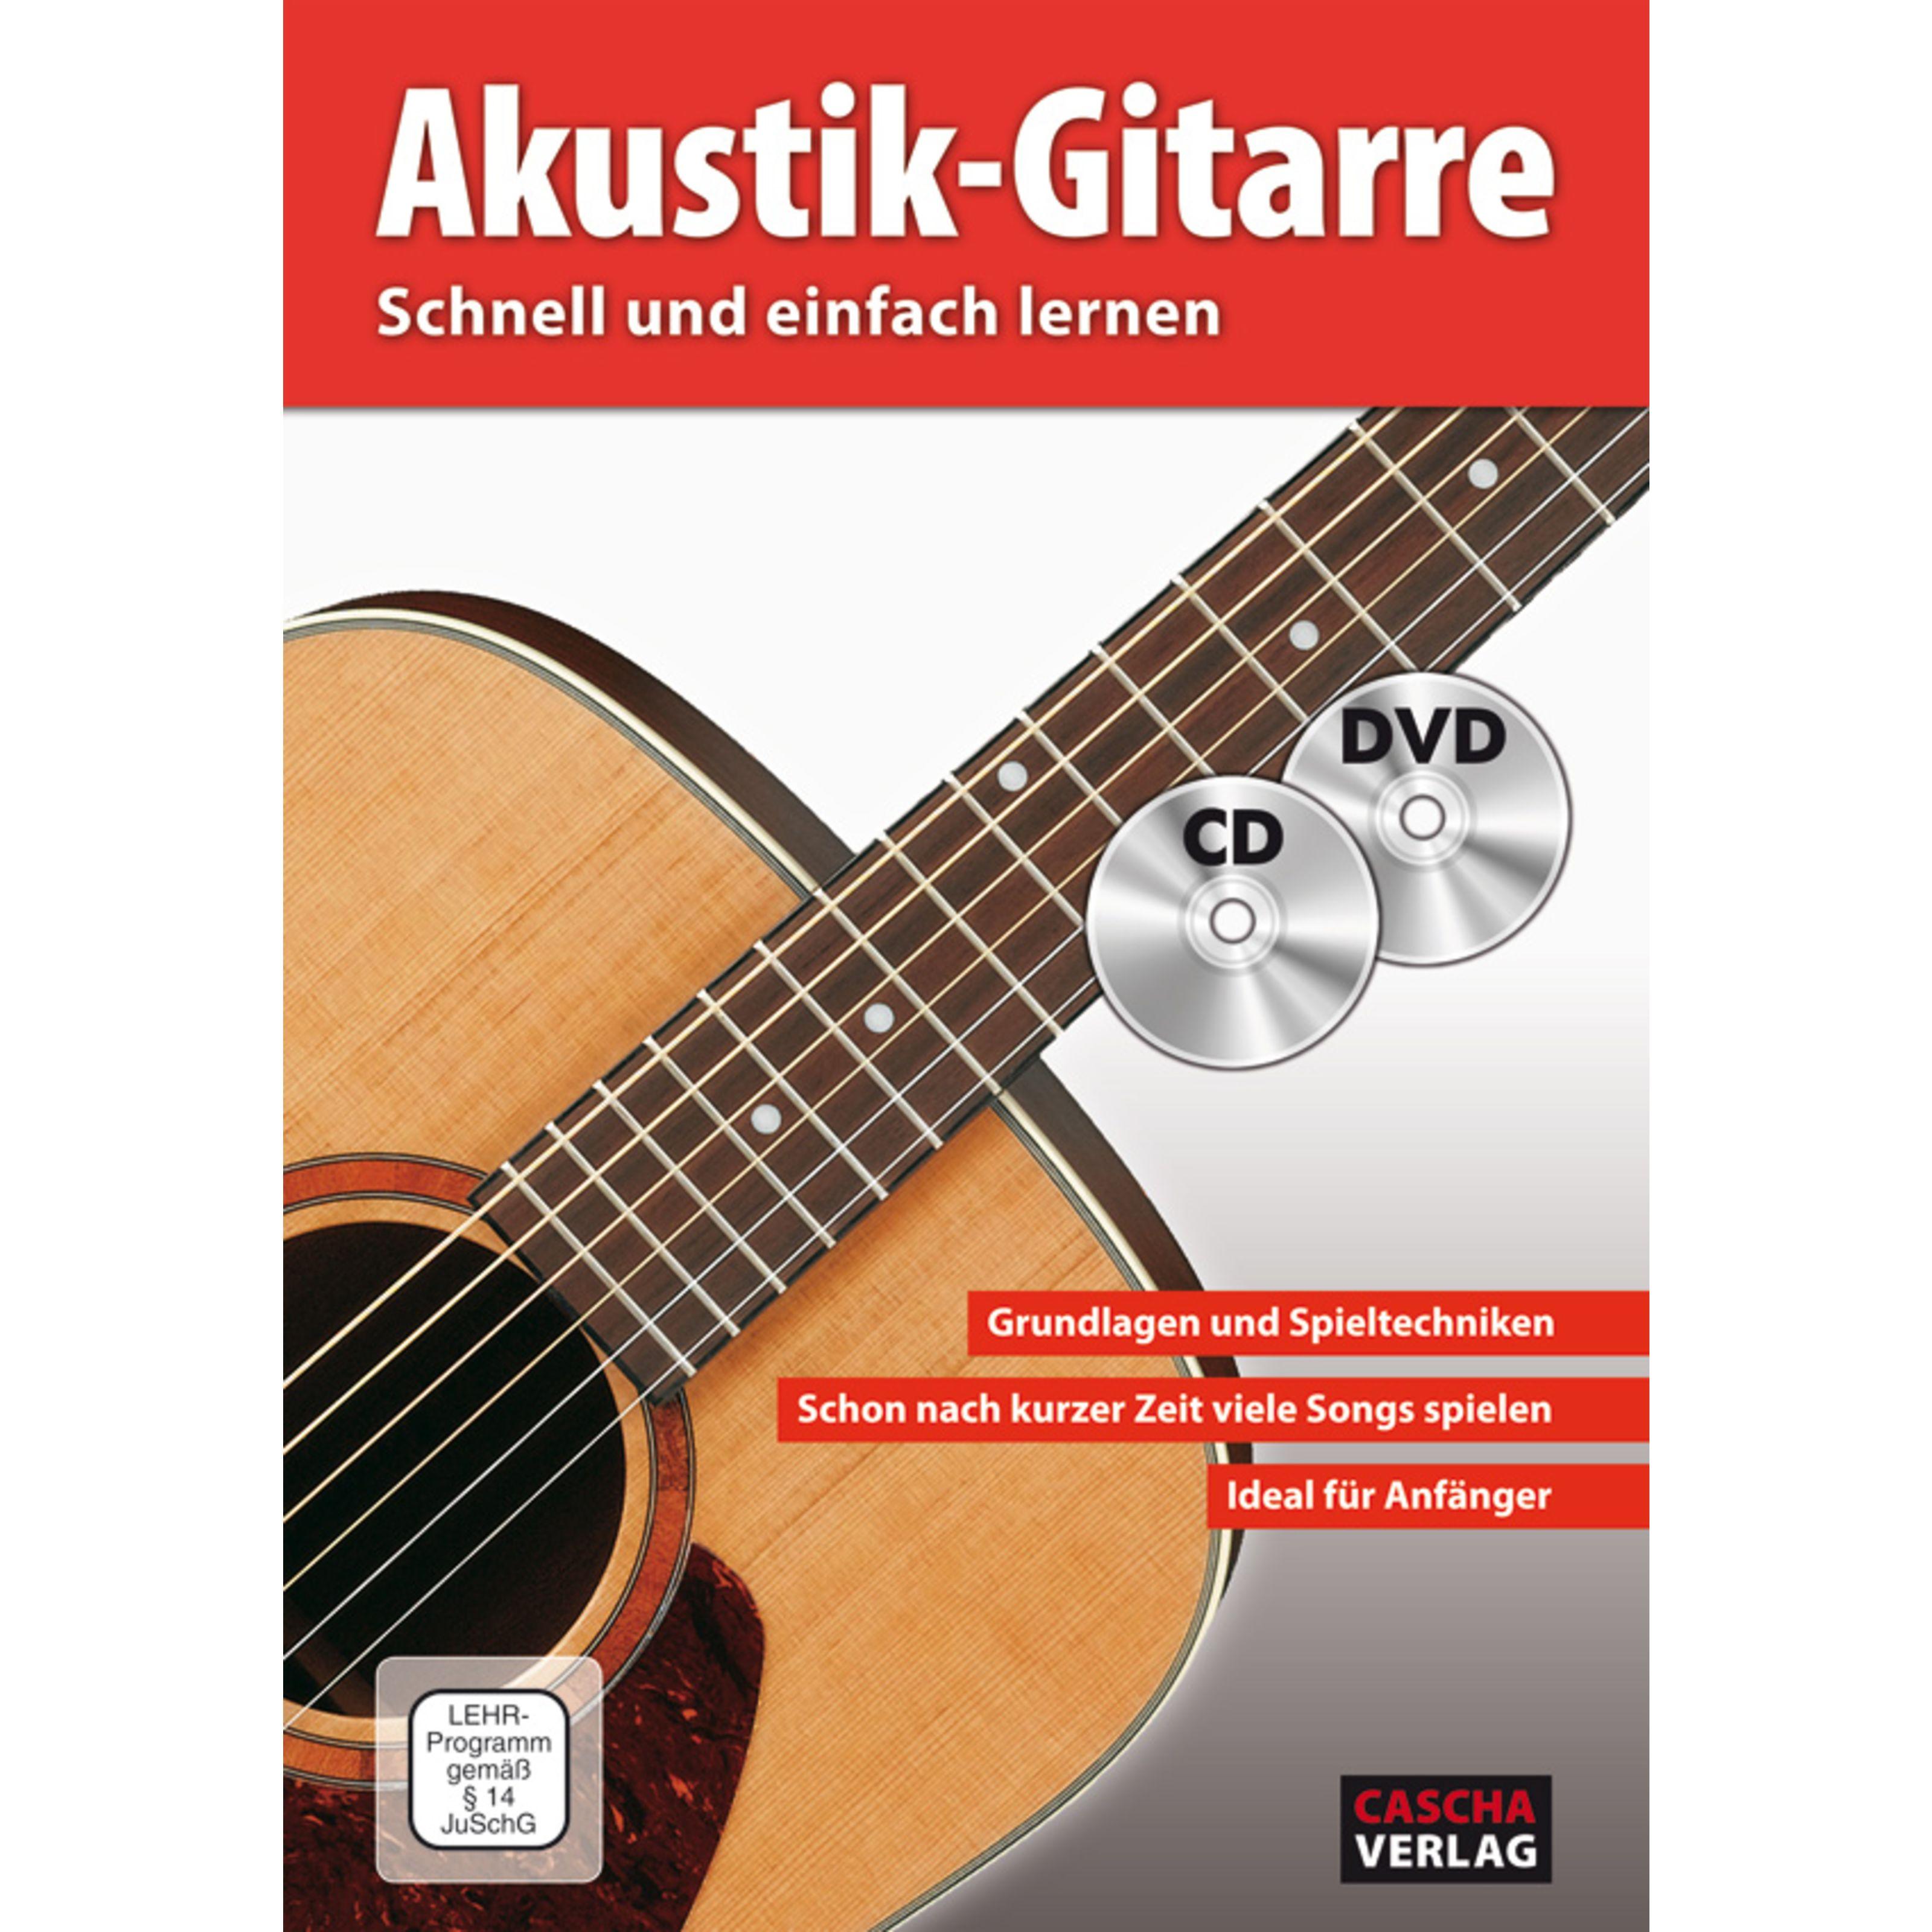 Cascha Verlag - Akustik-Gitarre schnell und einfach lernen